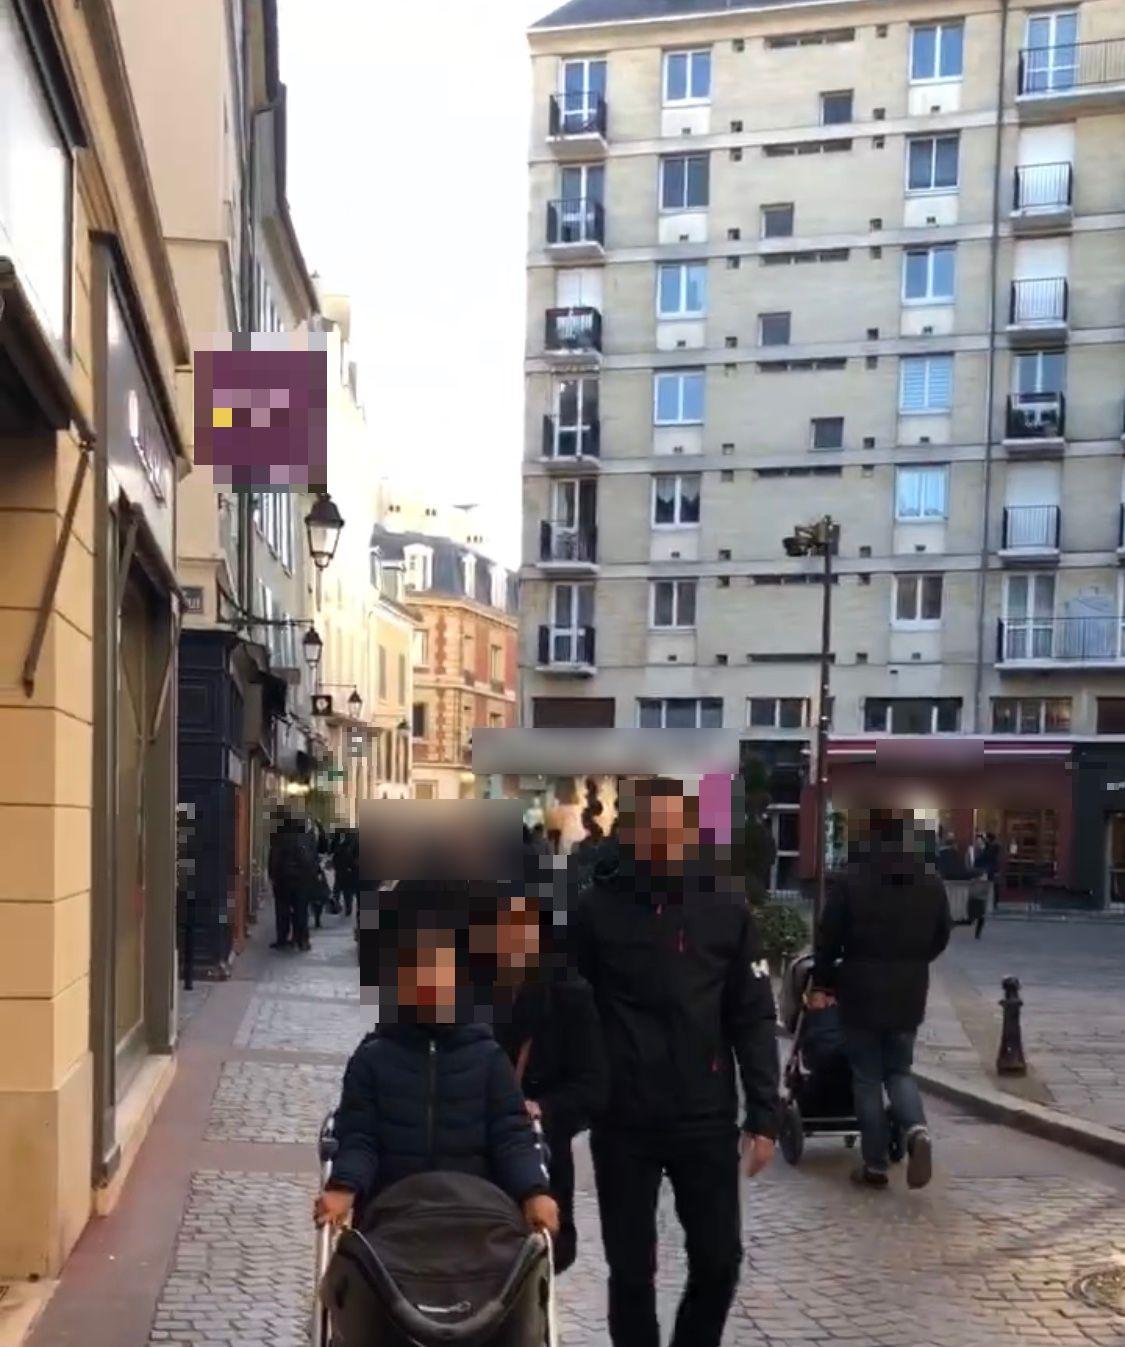 Vente Sandwicherie / Snack, Restauration rapide à Saint-Germain-en-Laye dans une zone touristique, sur un emplacement N°1 (78100)